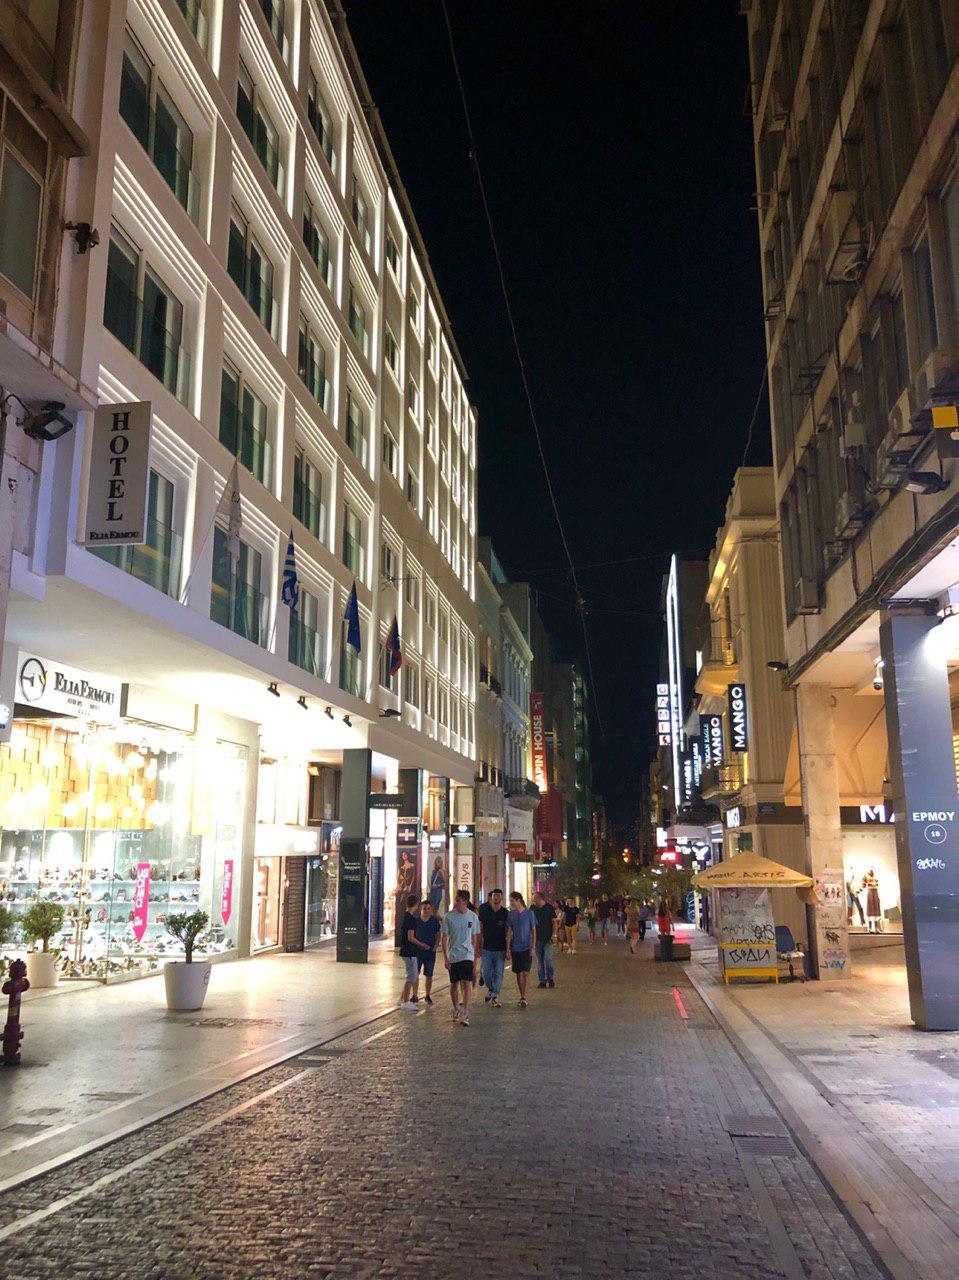 مرکز خرید برند های معروف جهان -syntagma,squere